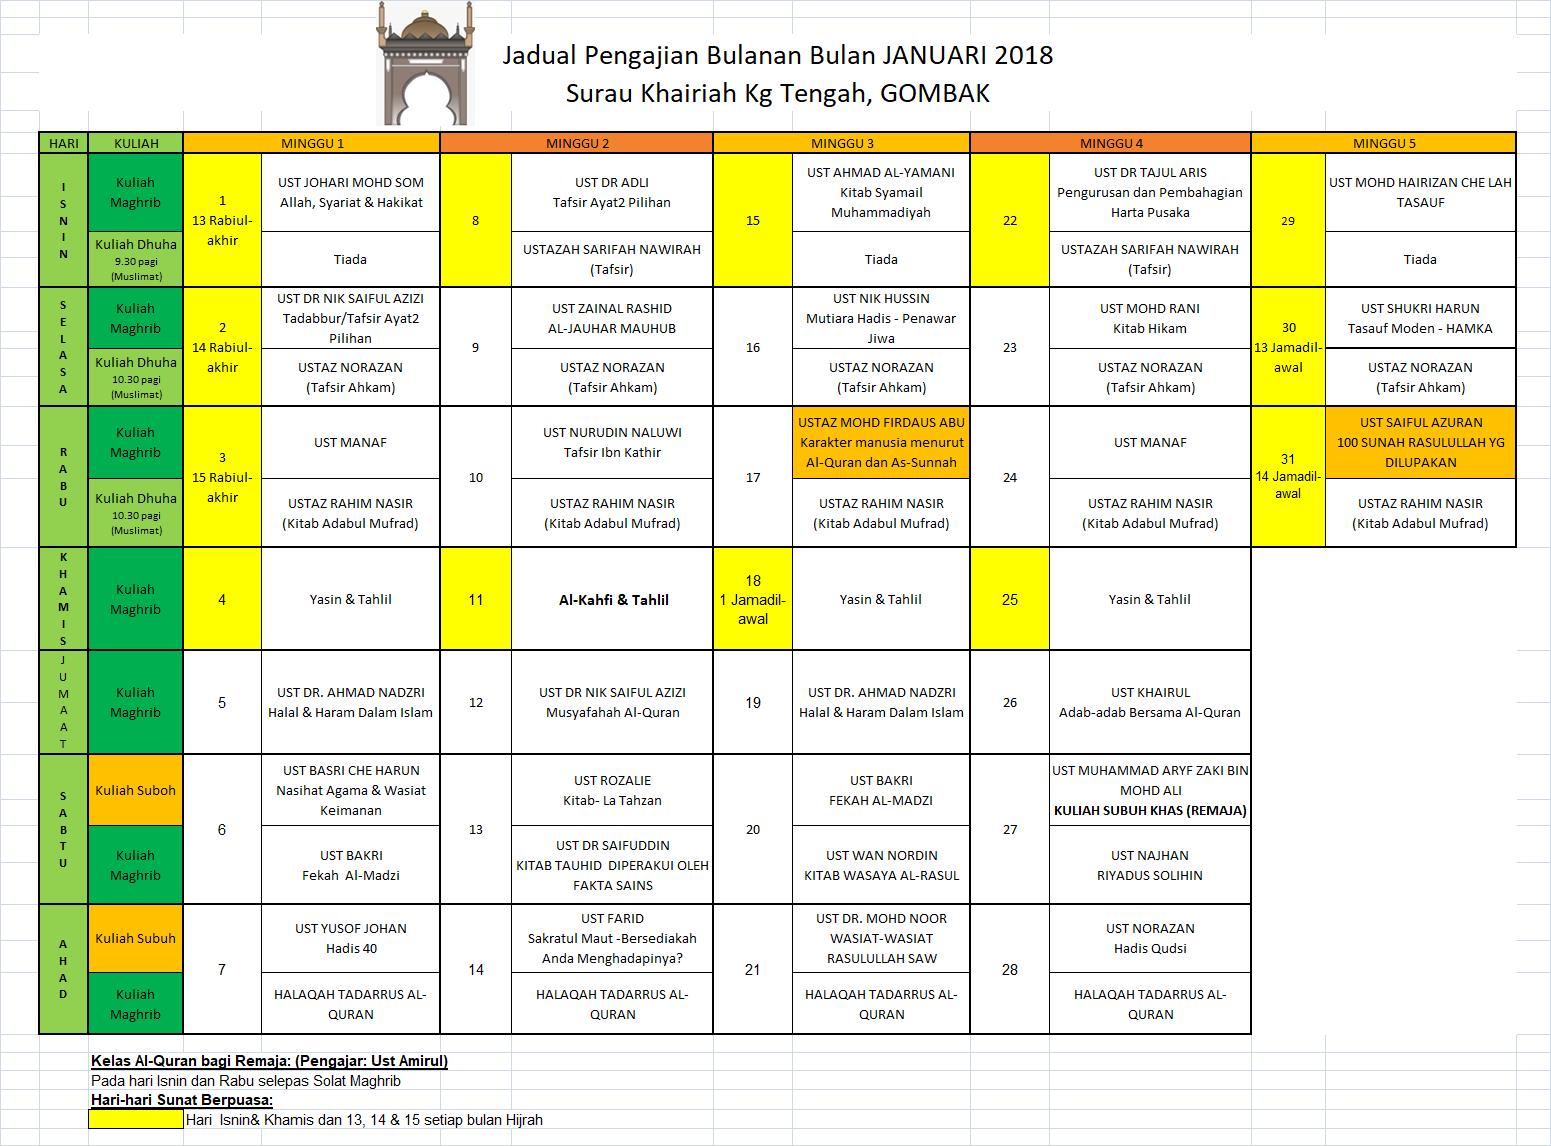 Jadual Januari 2018